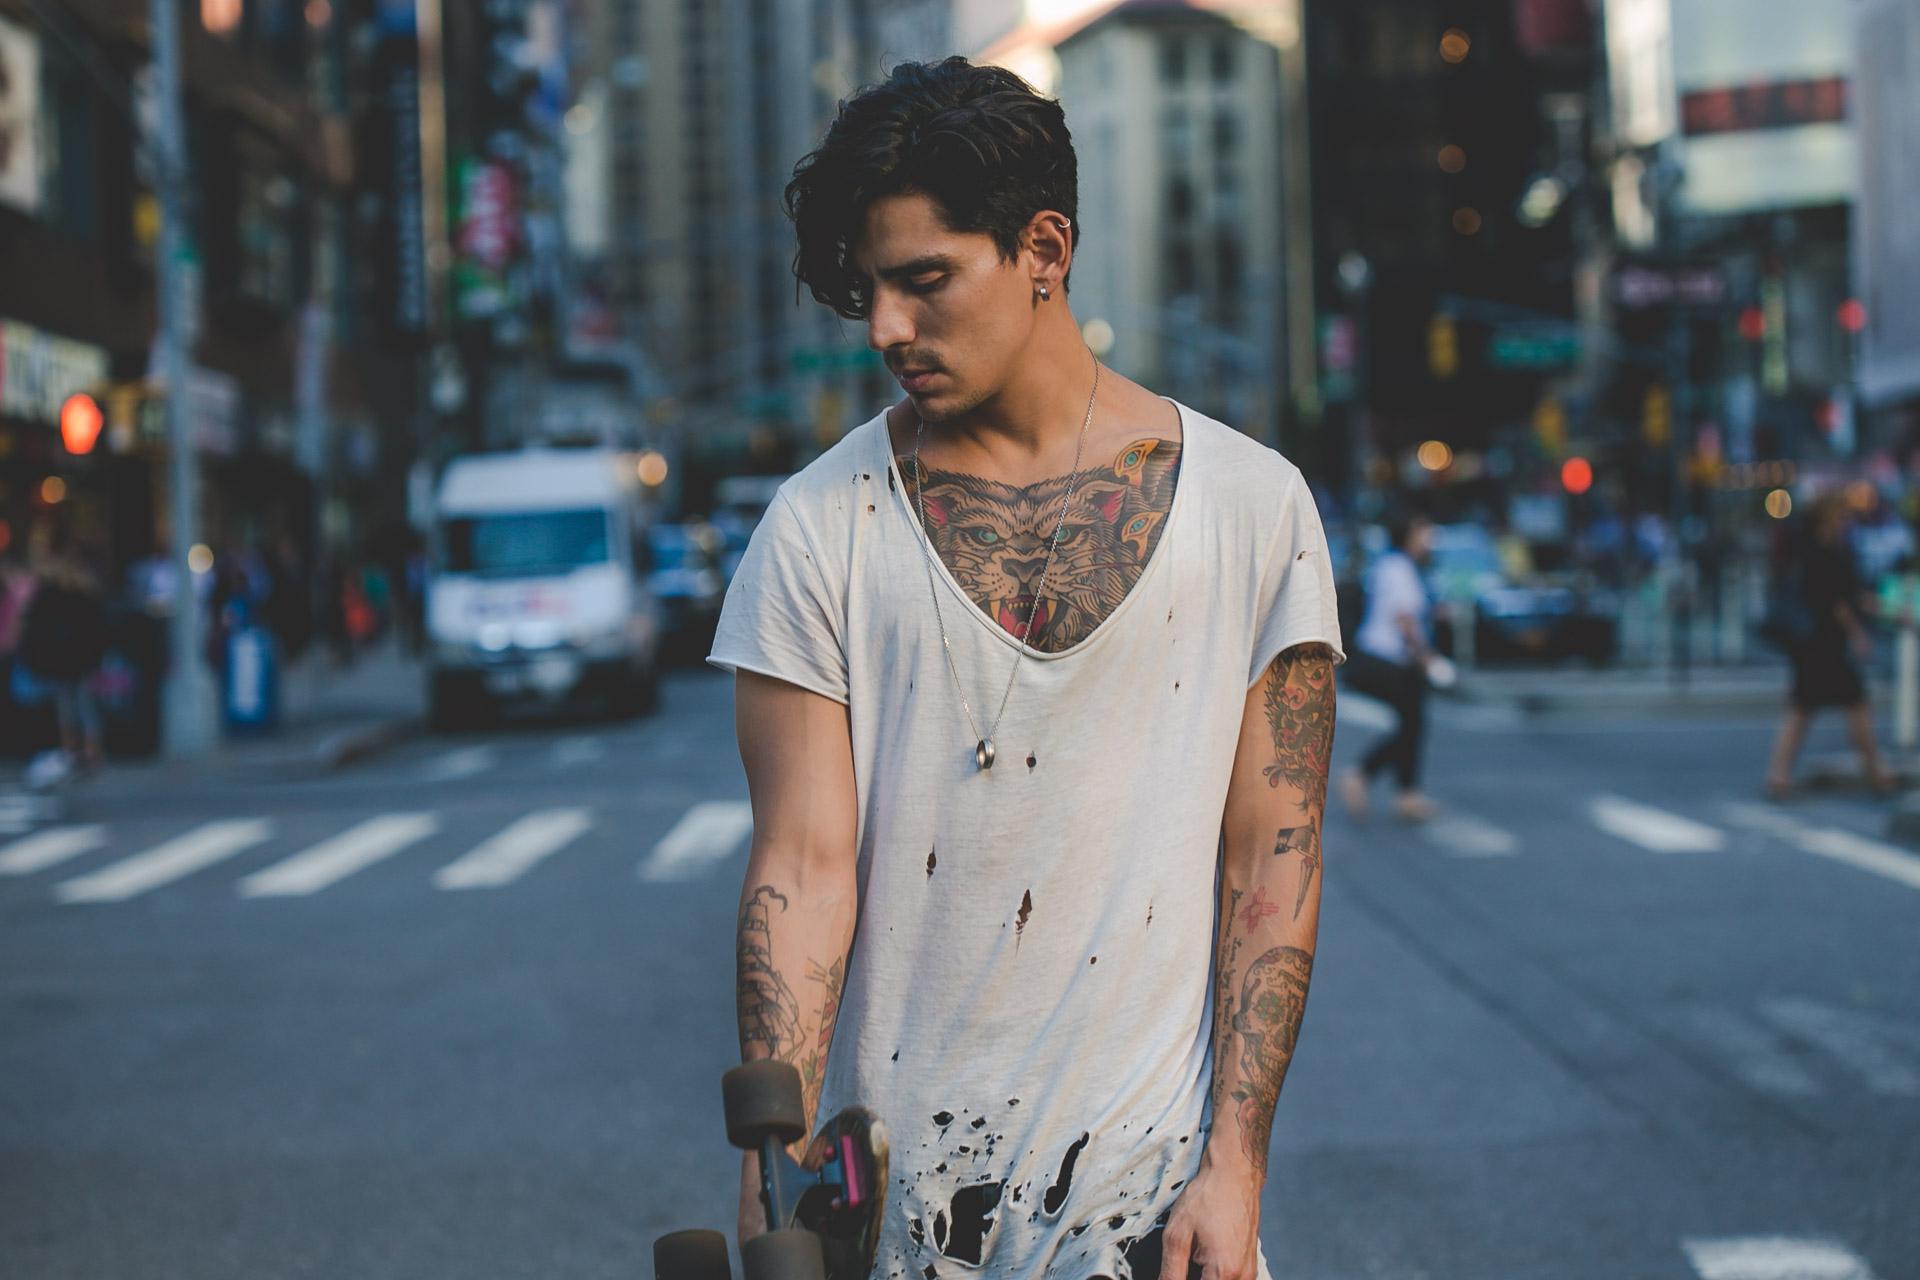 skate - tattoo - ootd